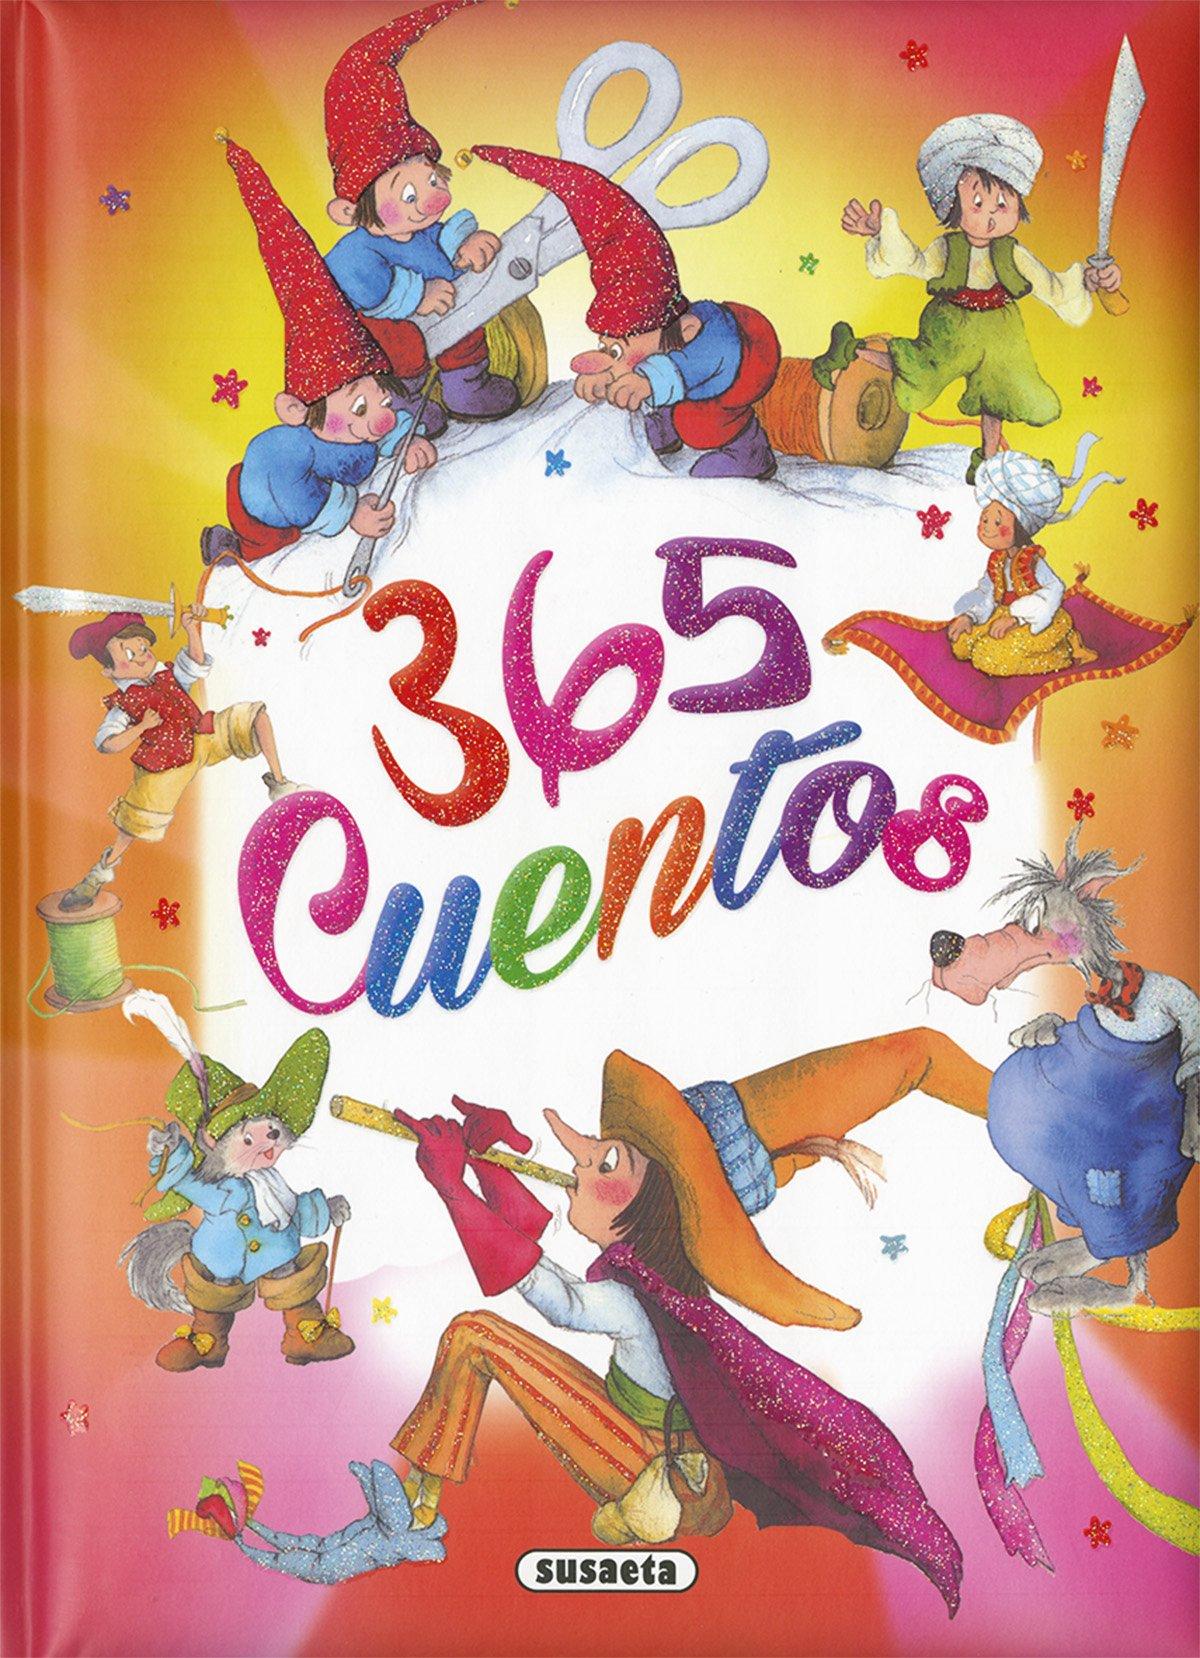 365 Cuentos (Colección 365...): Amazon.es: Susaeta, Equipo, González, Marife: Libros